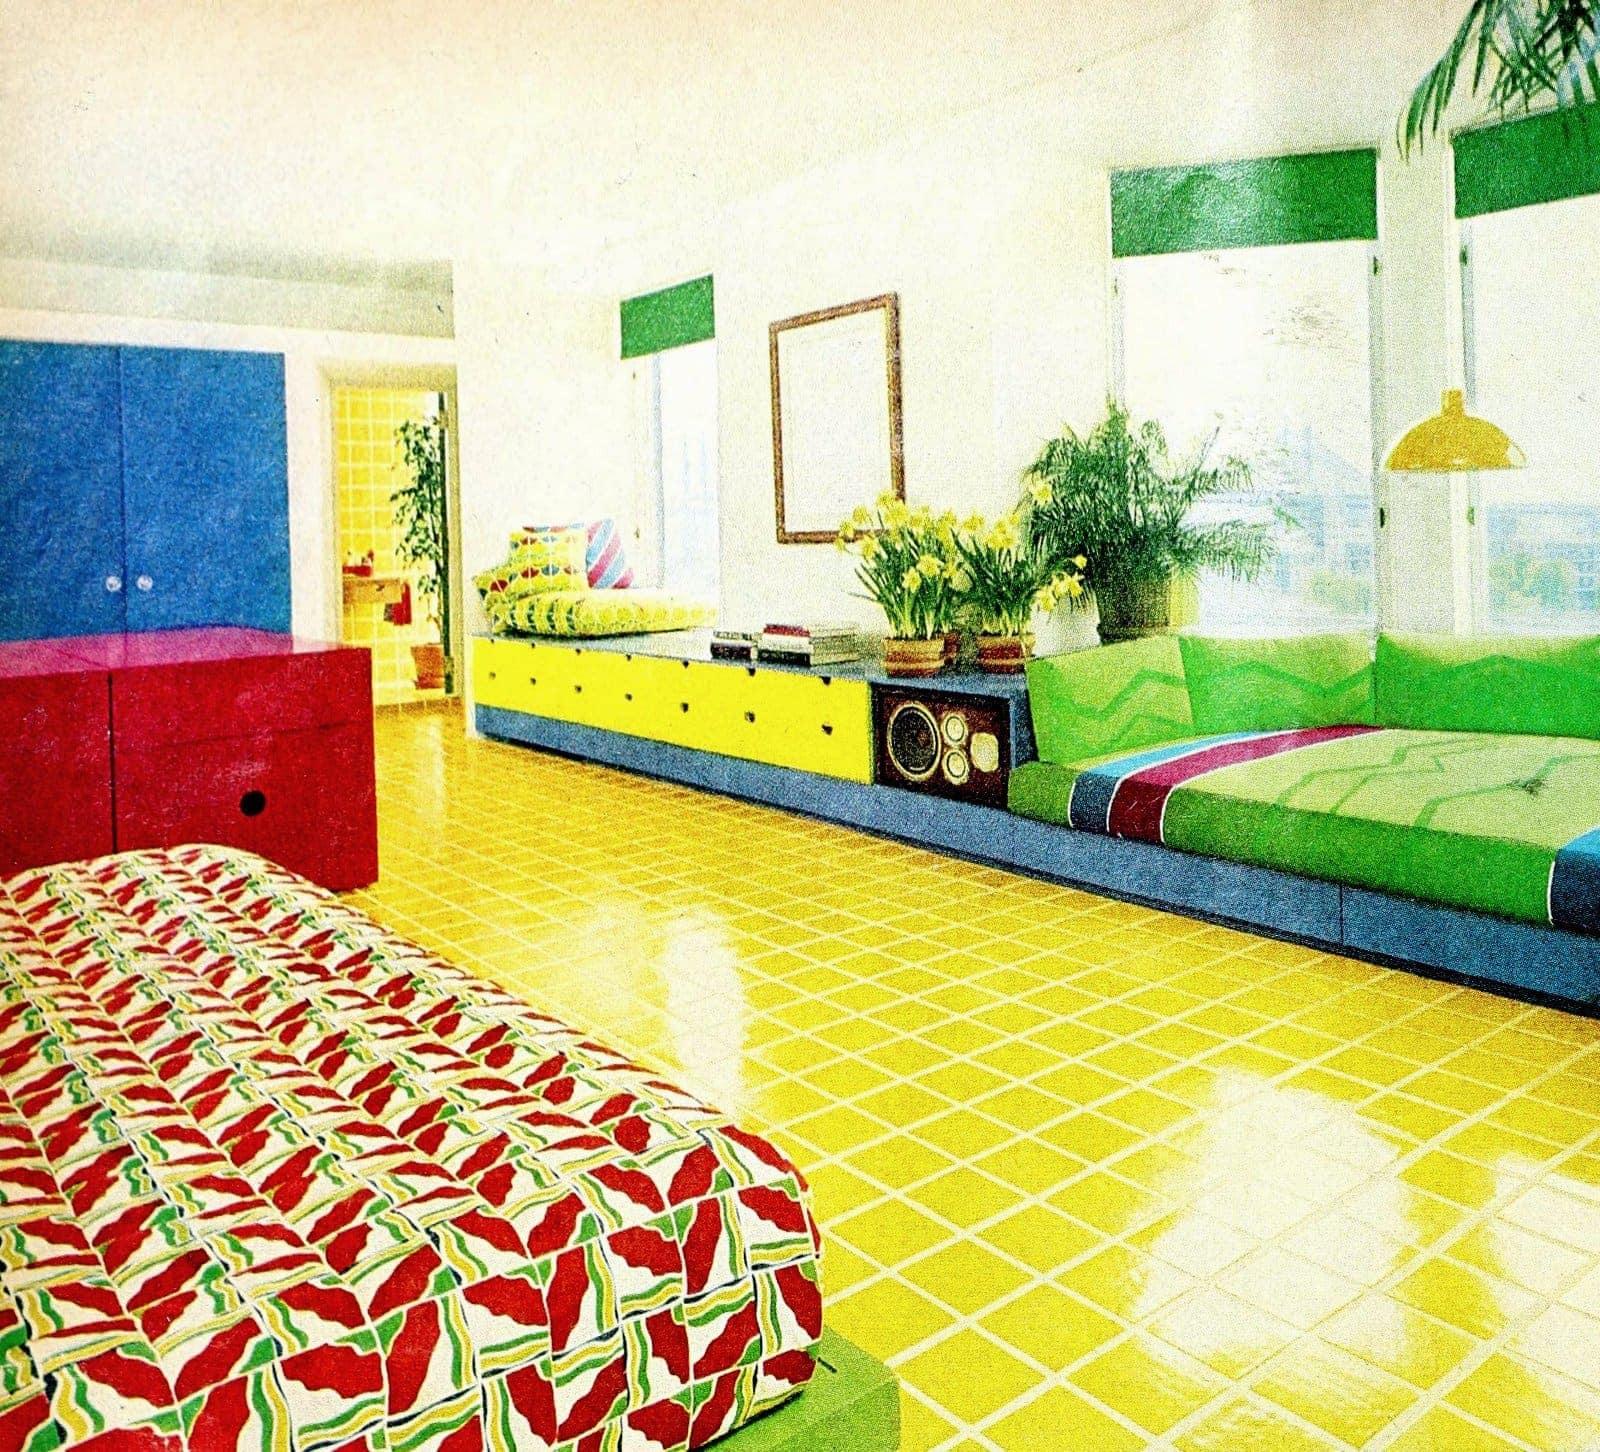 Retro multicolored kids' bedroom decor (1972)